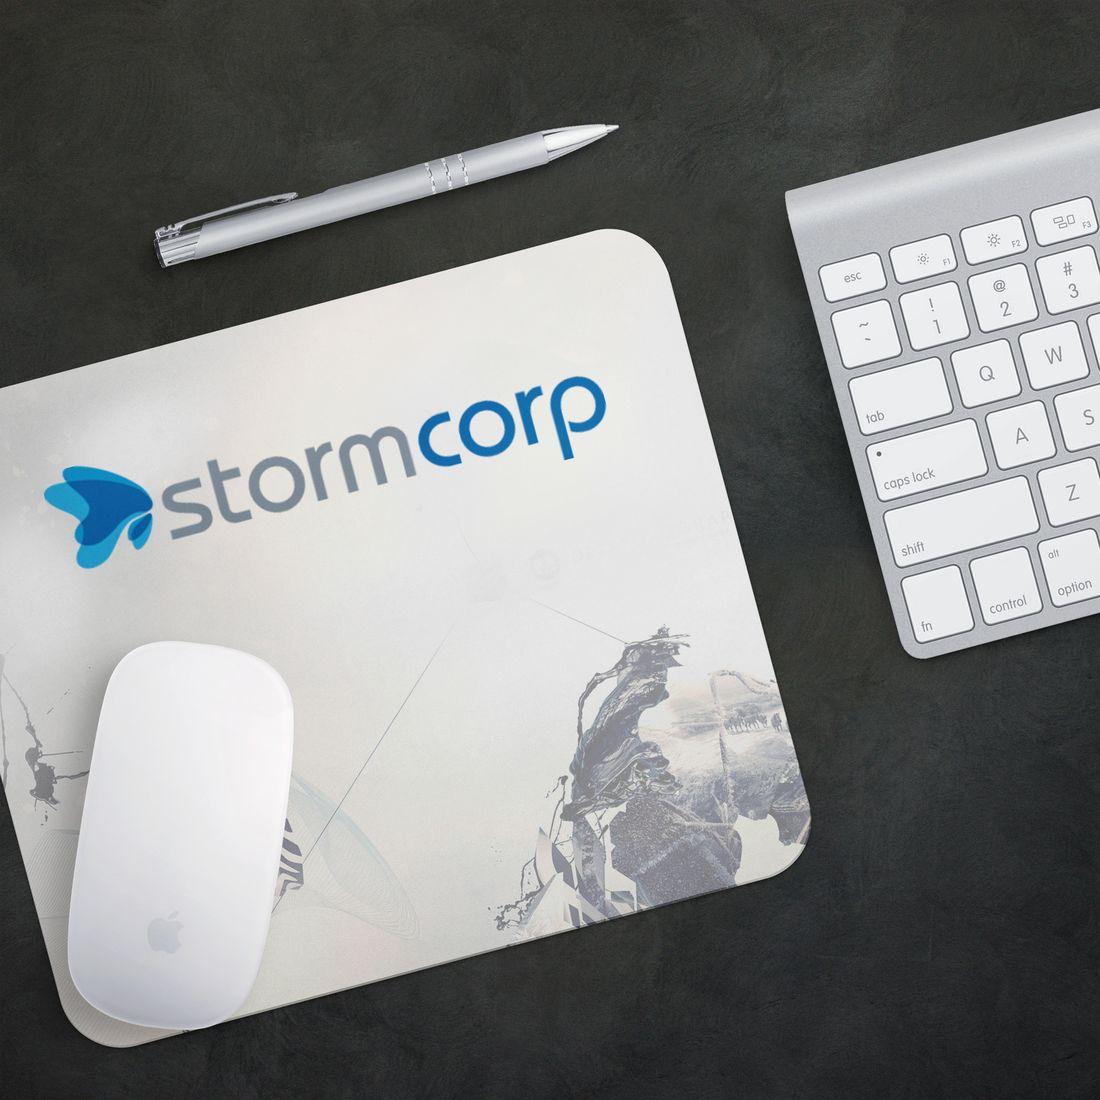 Студия Ракета завершила разработку сайта системы бизнес-аналитики (business intelligence) Storm.